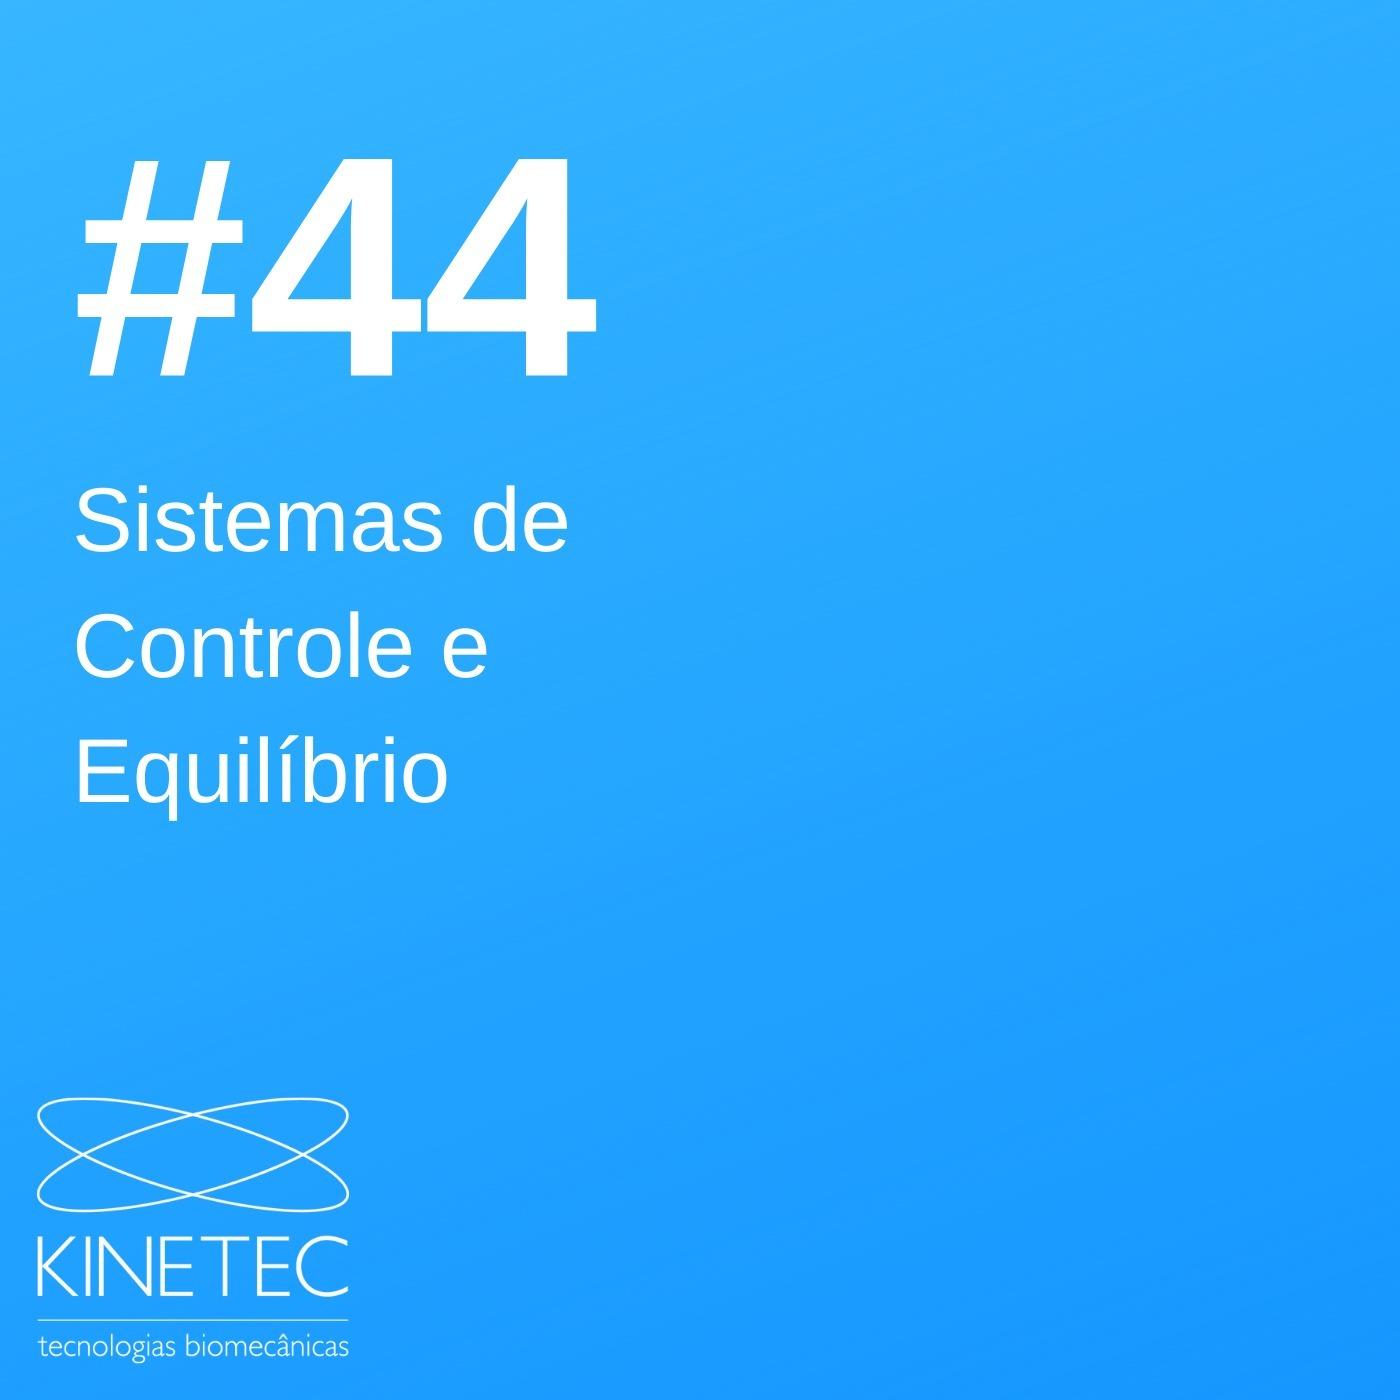 #044 Sistemas de Controle e Equilíbrio